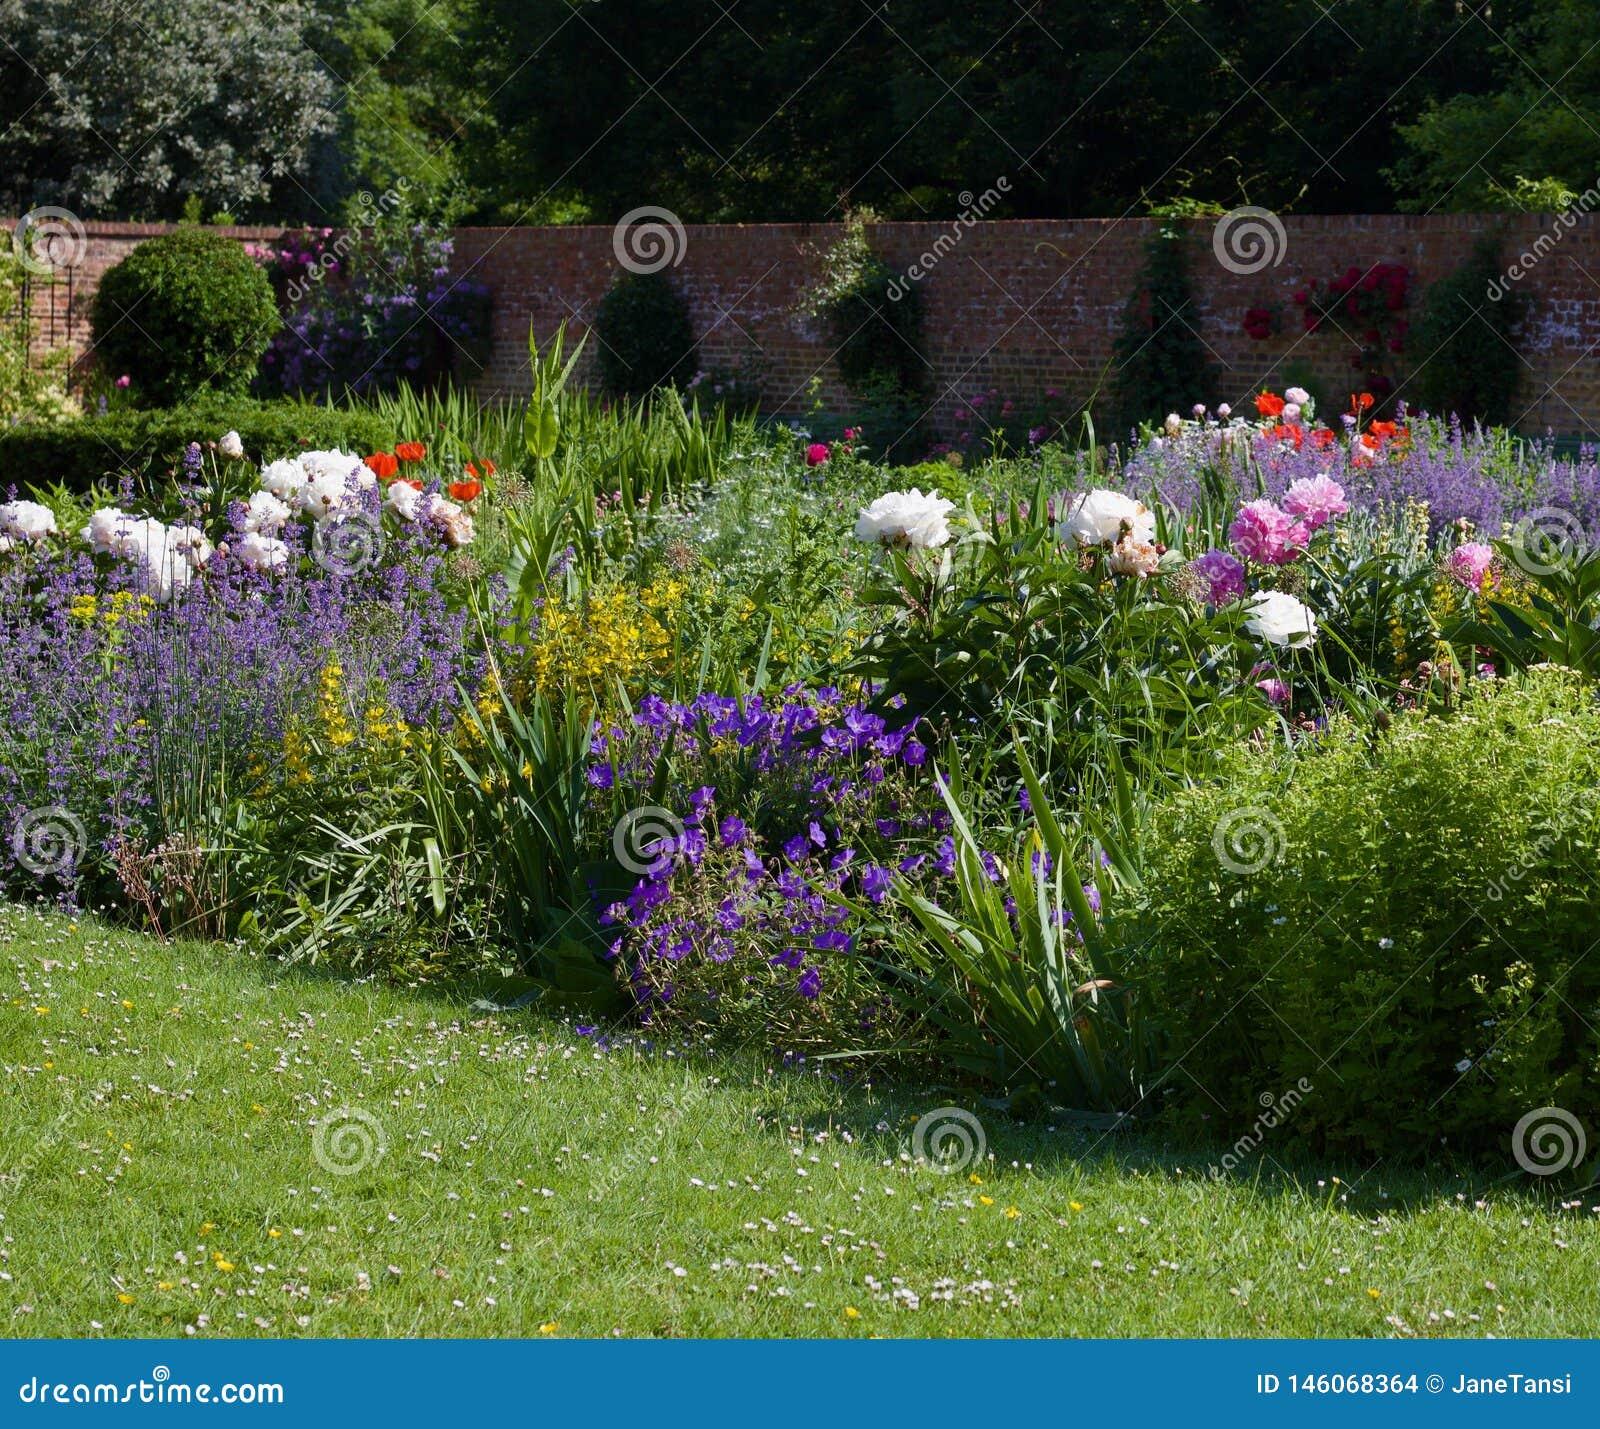 Engelse plattelandshuisjetuin met gazon in voorgrond, weelderige bloembed en muur op achtergrond met exemplaarruimte - beeld